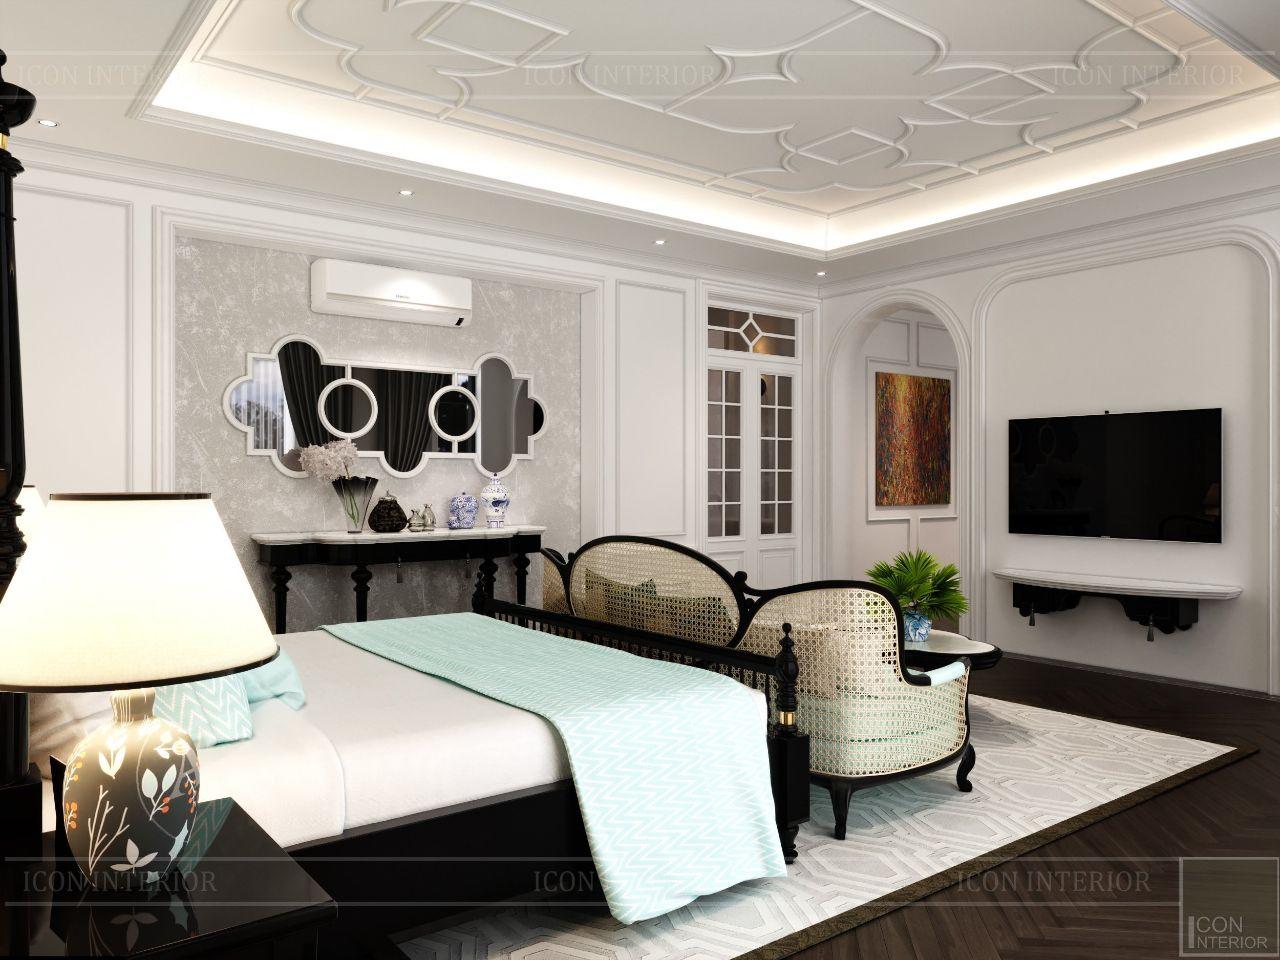 thiết kế nội thất biệt thự huế 1000m2